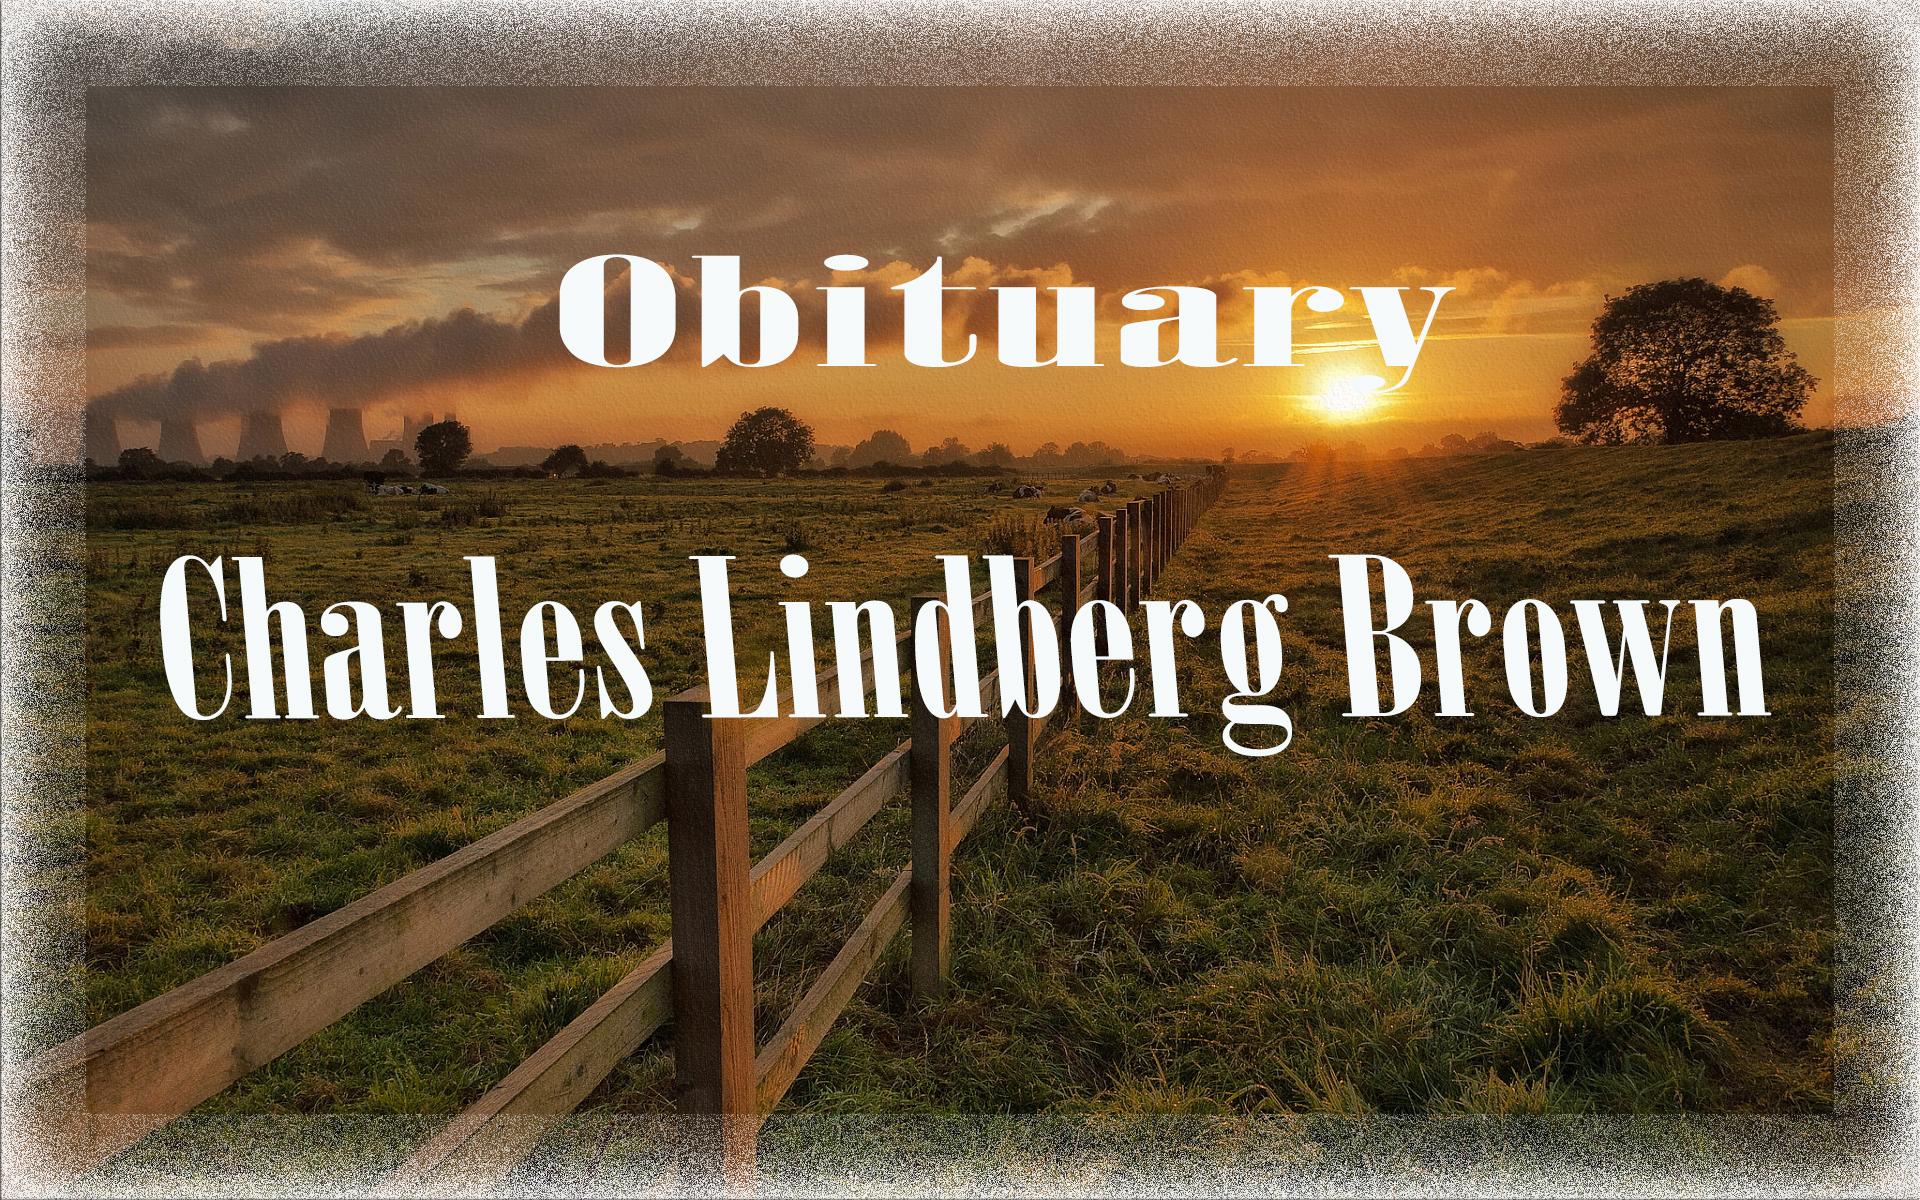 charles_lindberg_brown.jpg